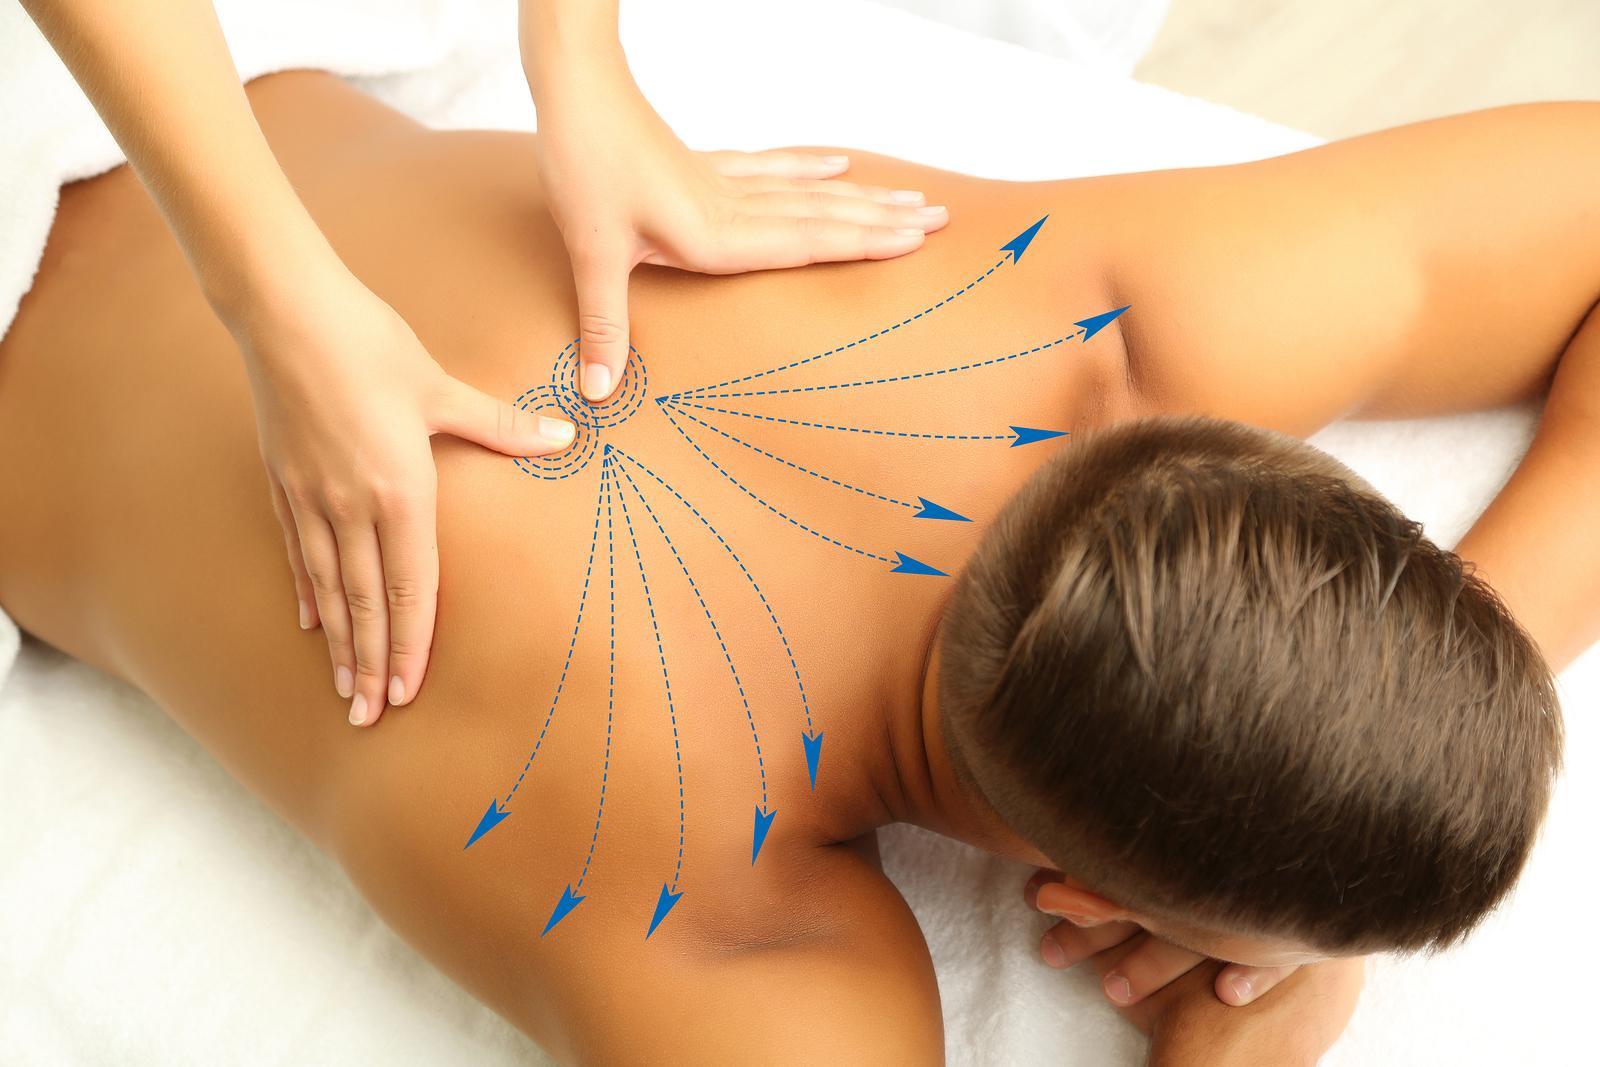 Эротический массаж для мужчин – польза для здоровья